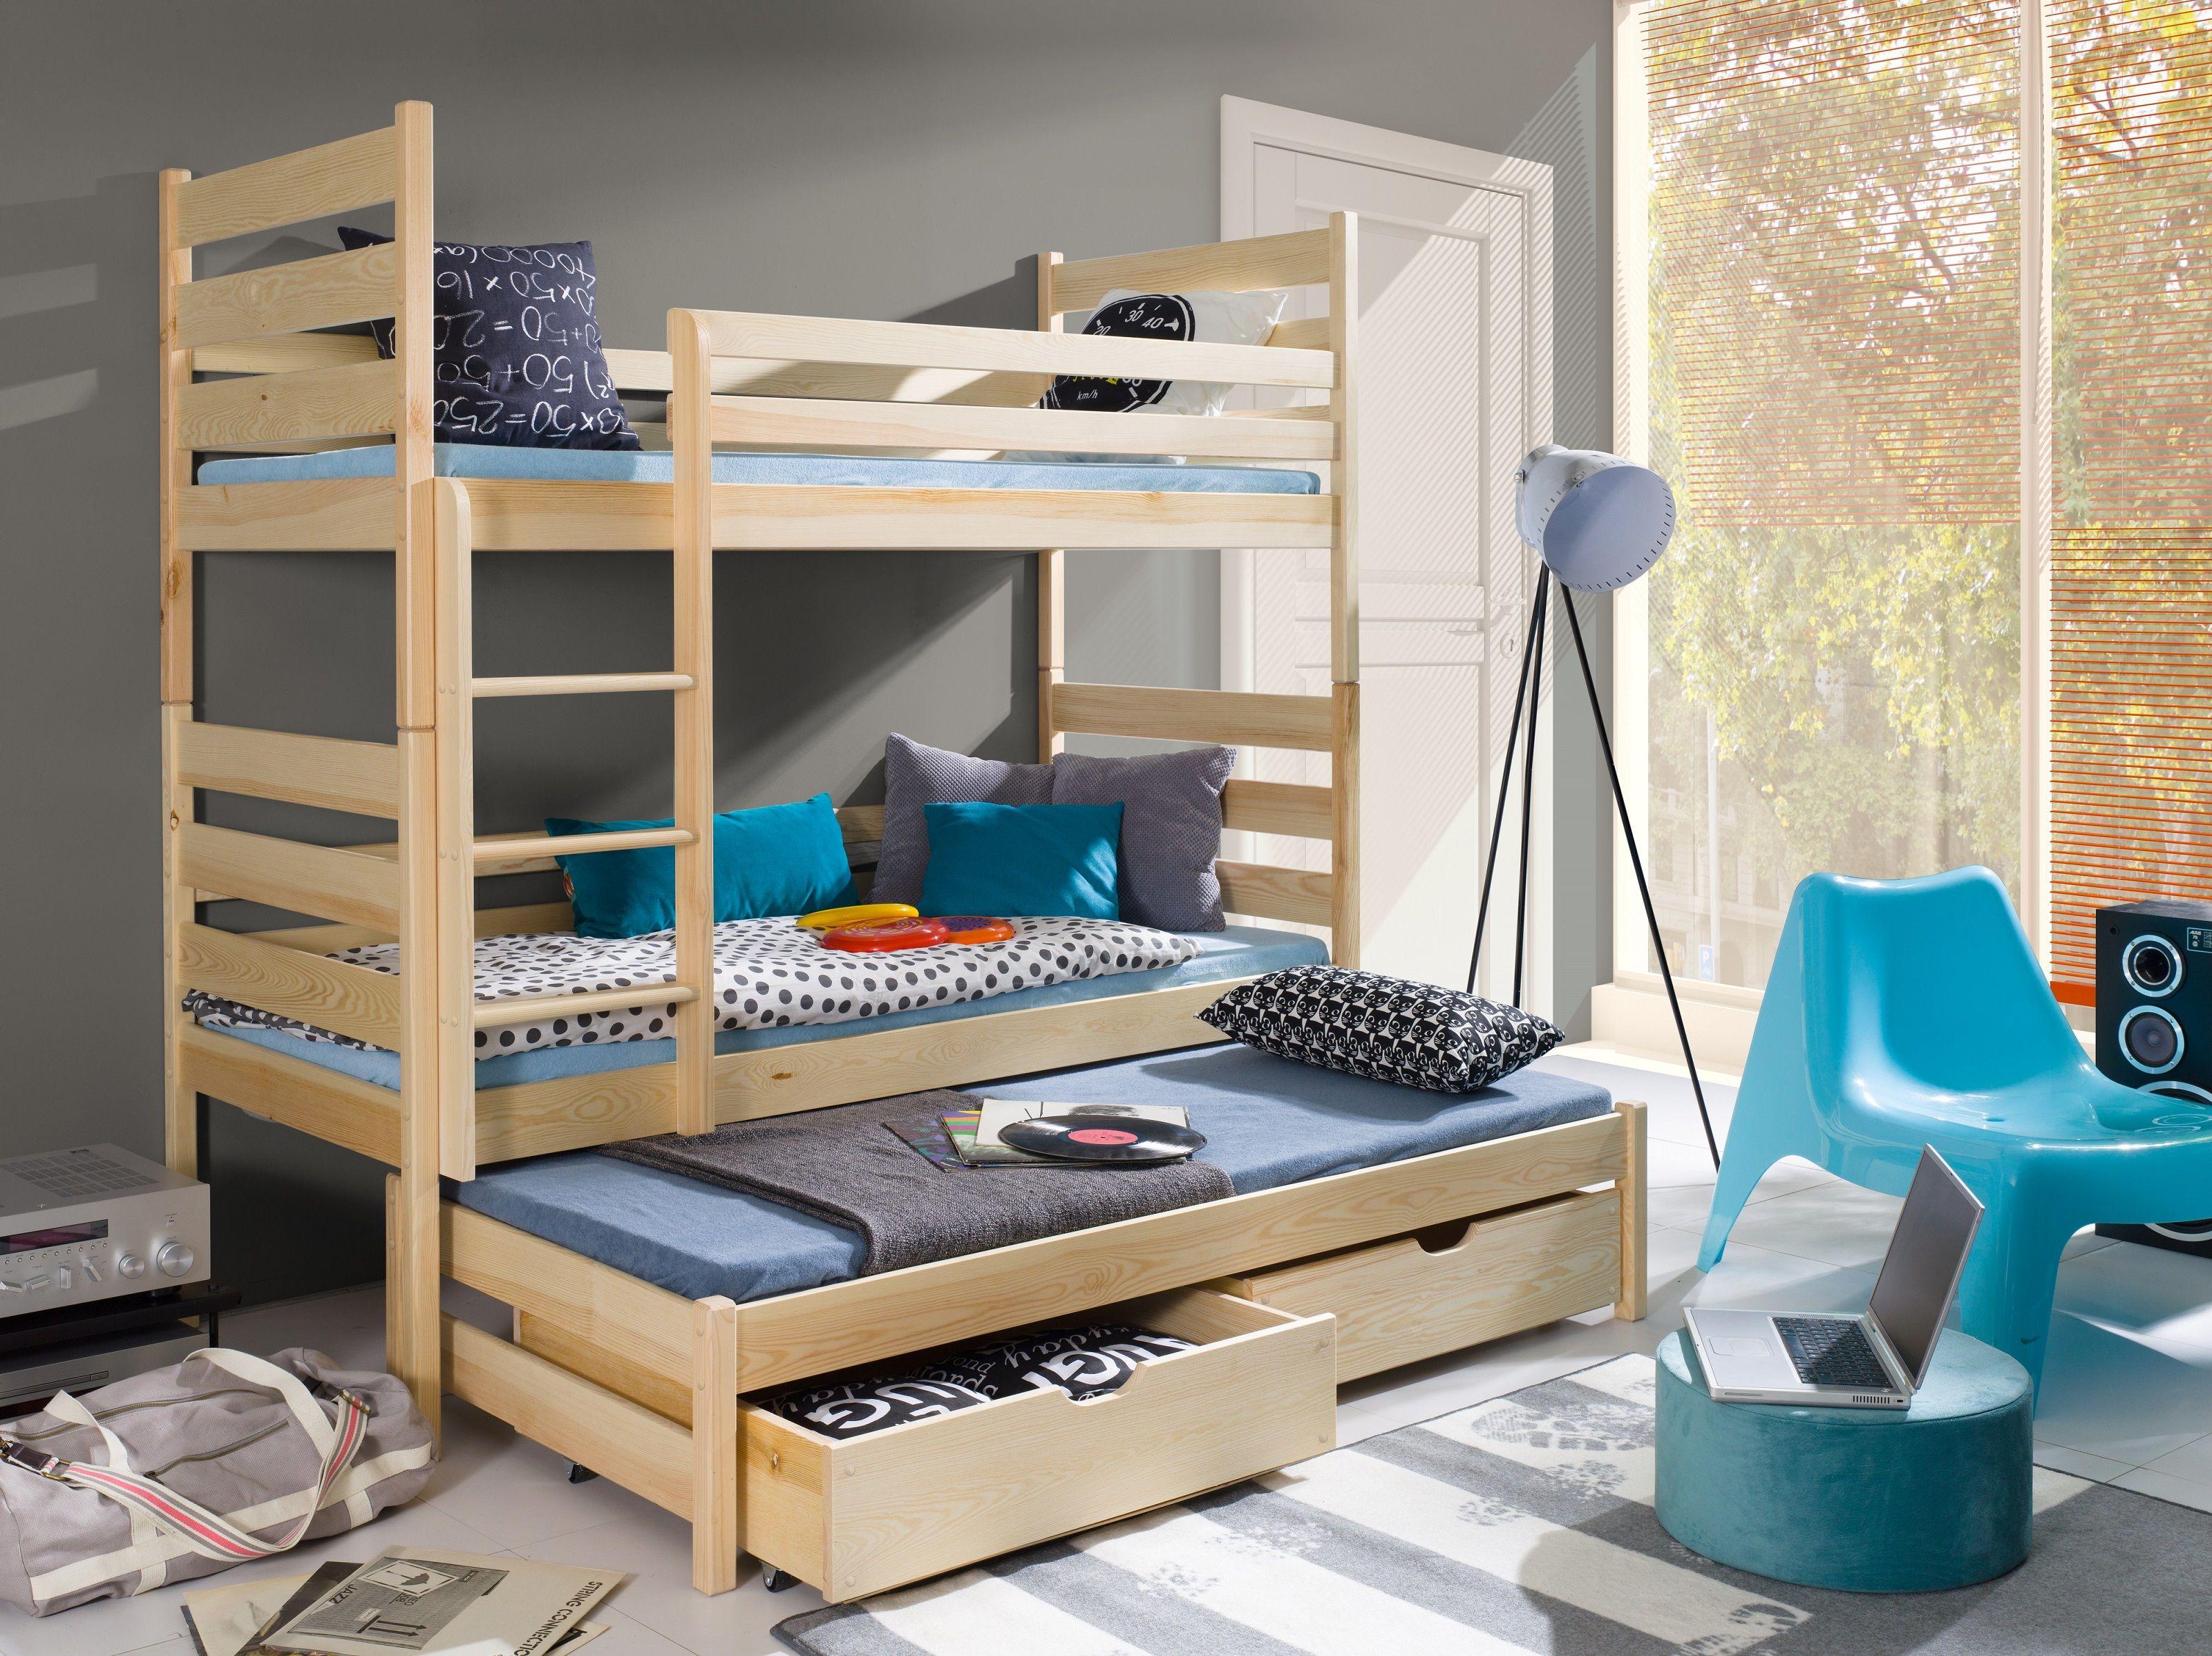 Dreier Etagenbett Wohnwagen : Etagenbett tomi deine moebel einfach einrichten house and